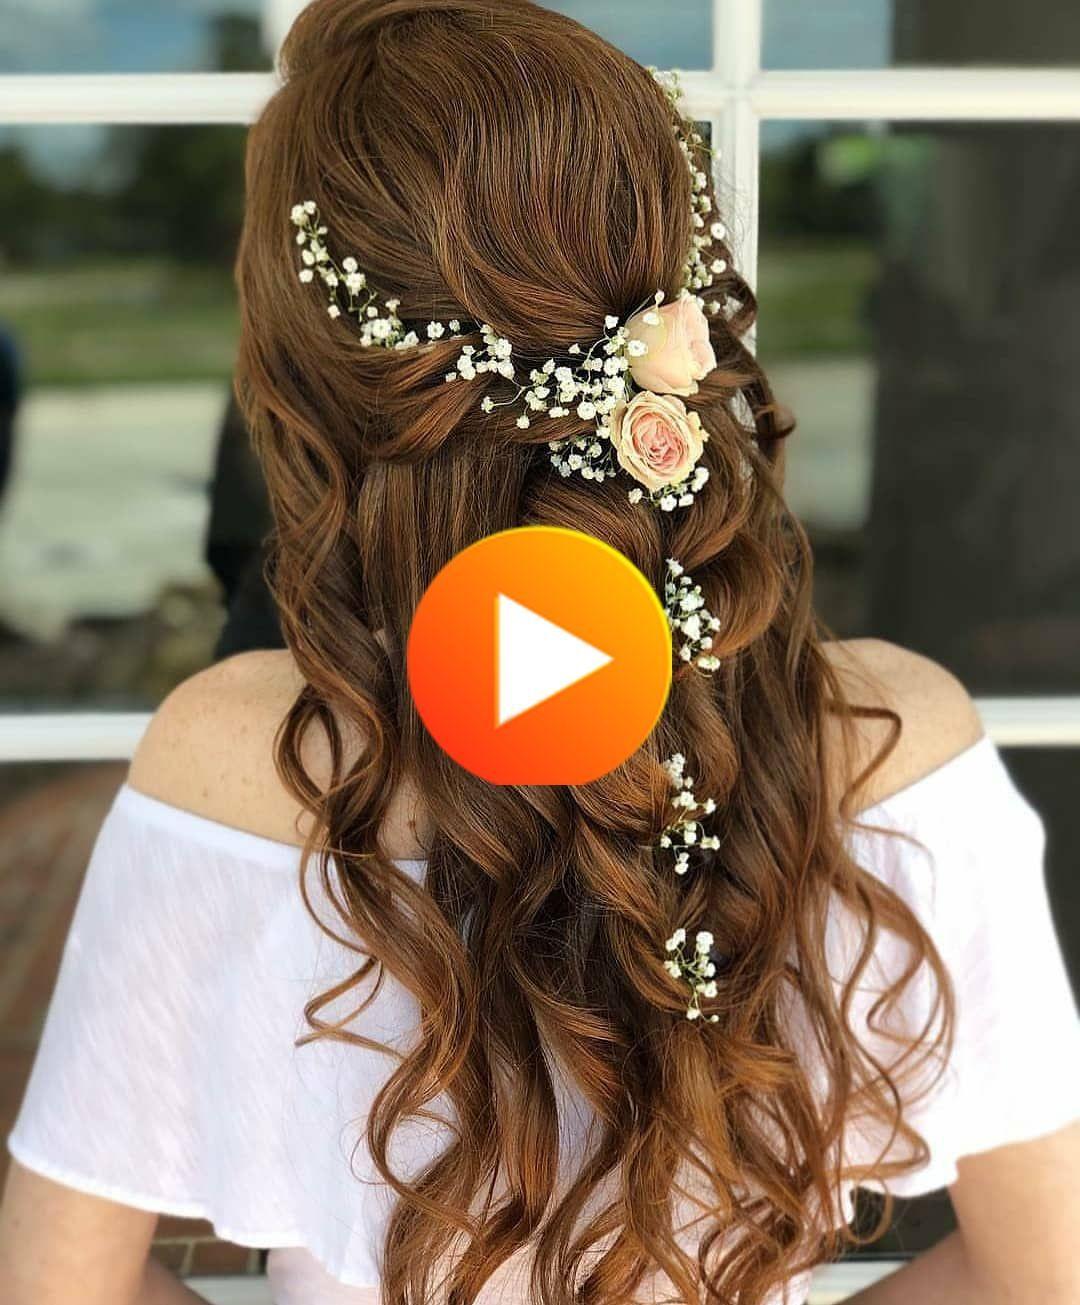 花嫁のための花内の20件の結婚式のヘアスタイル in 2020 wedding hairstyles make it yourself fresh flowers